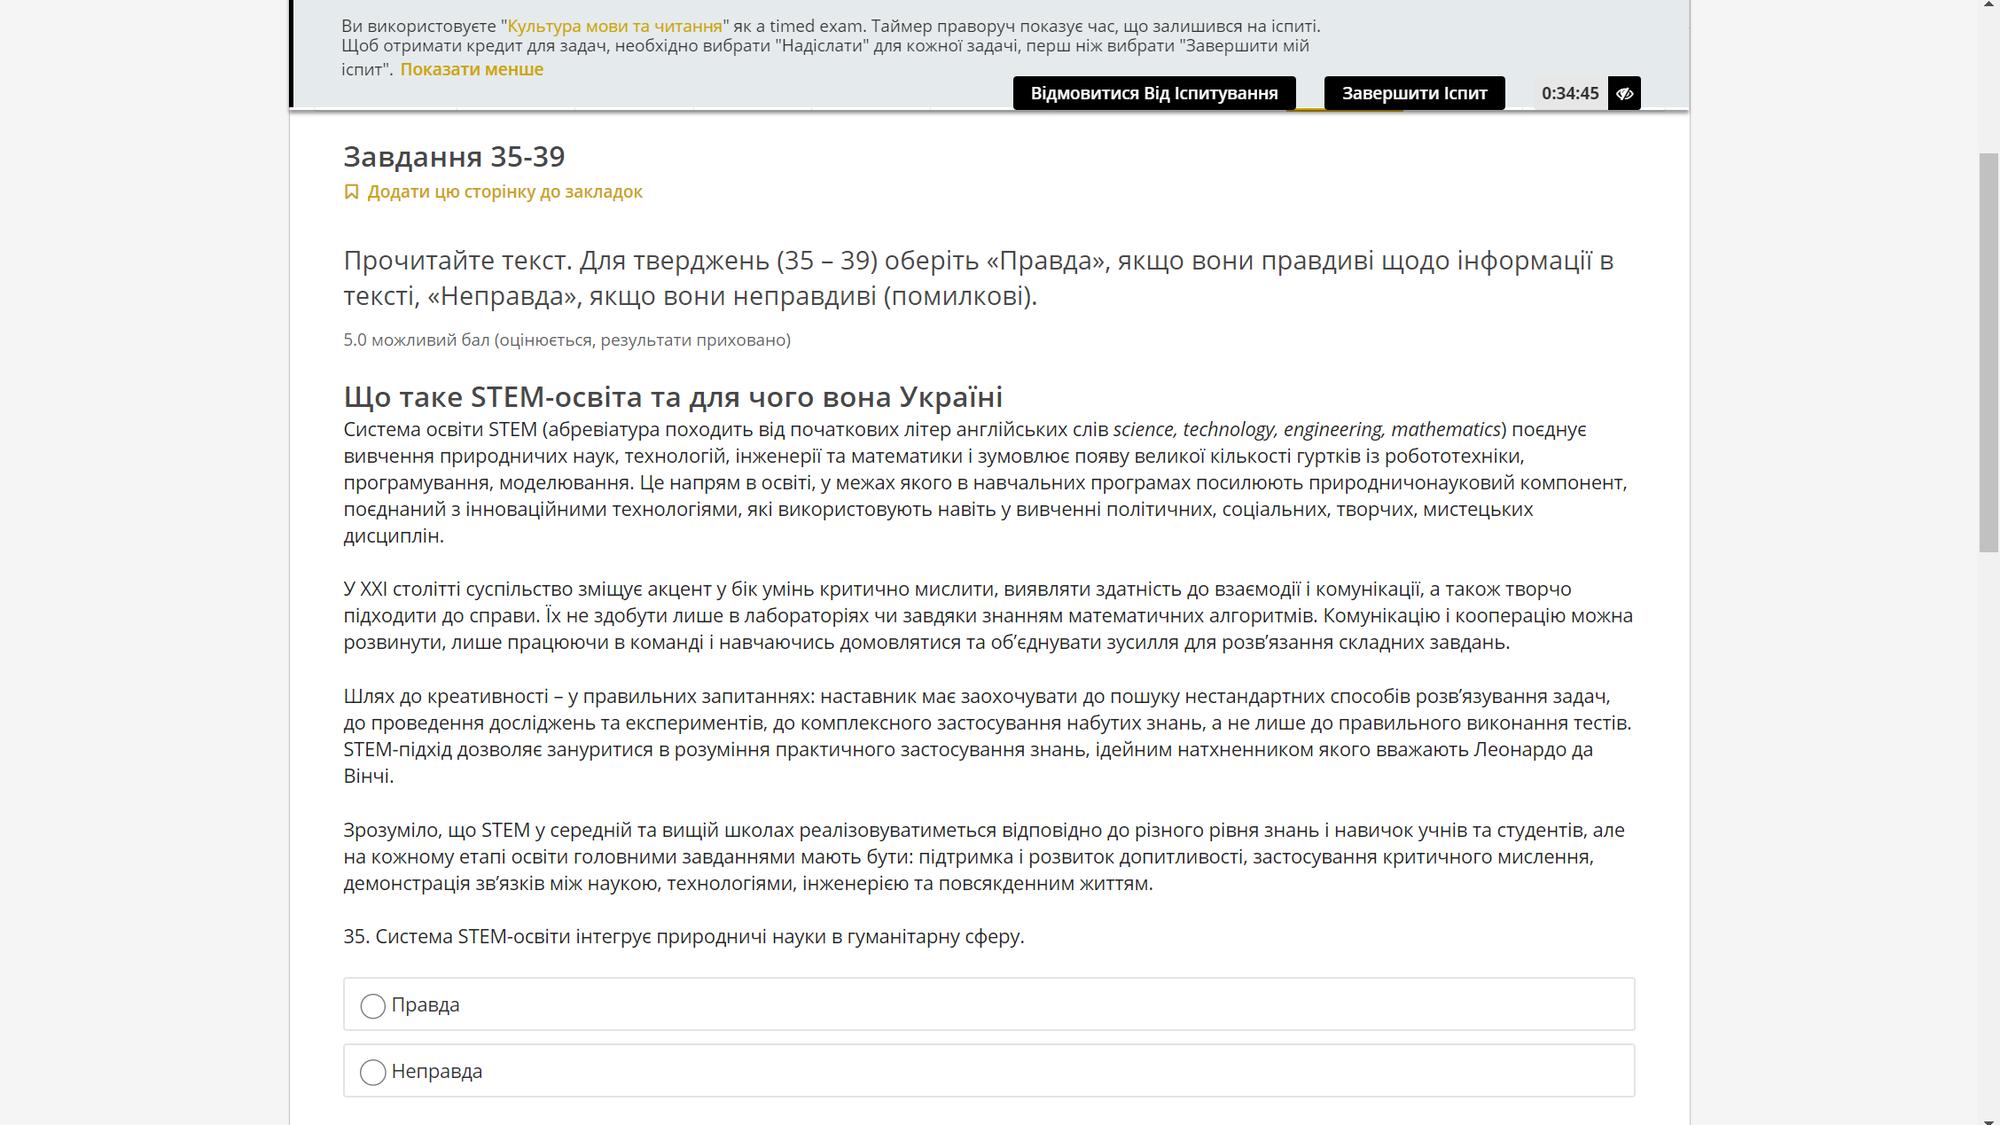 Как выглядит экзамен на определение уровня владения украинским языком